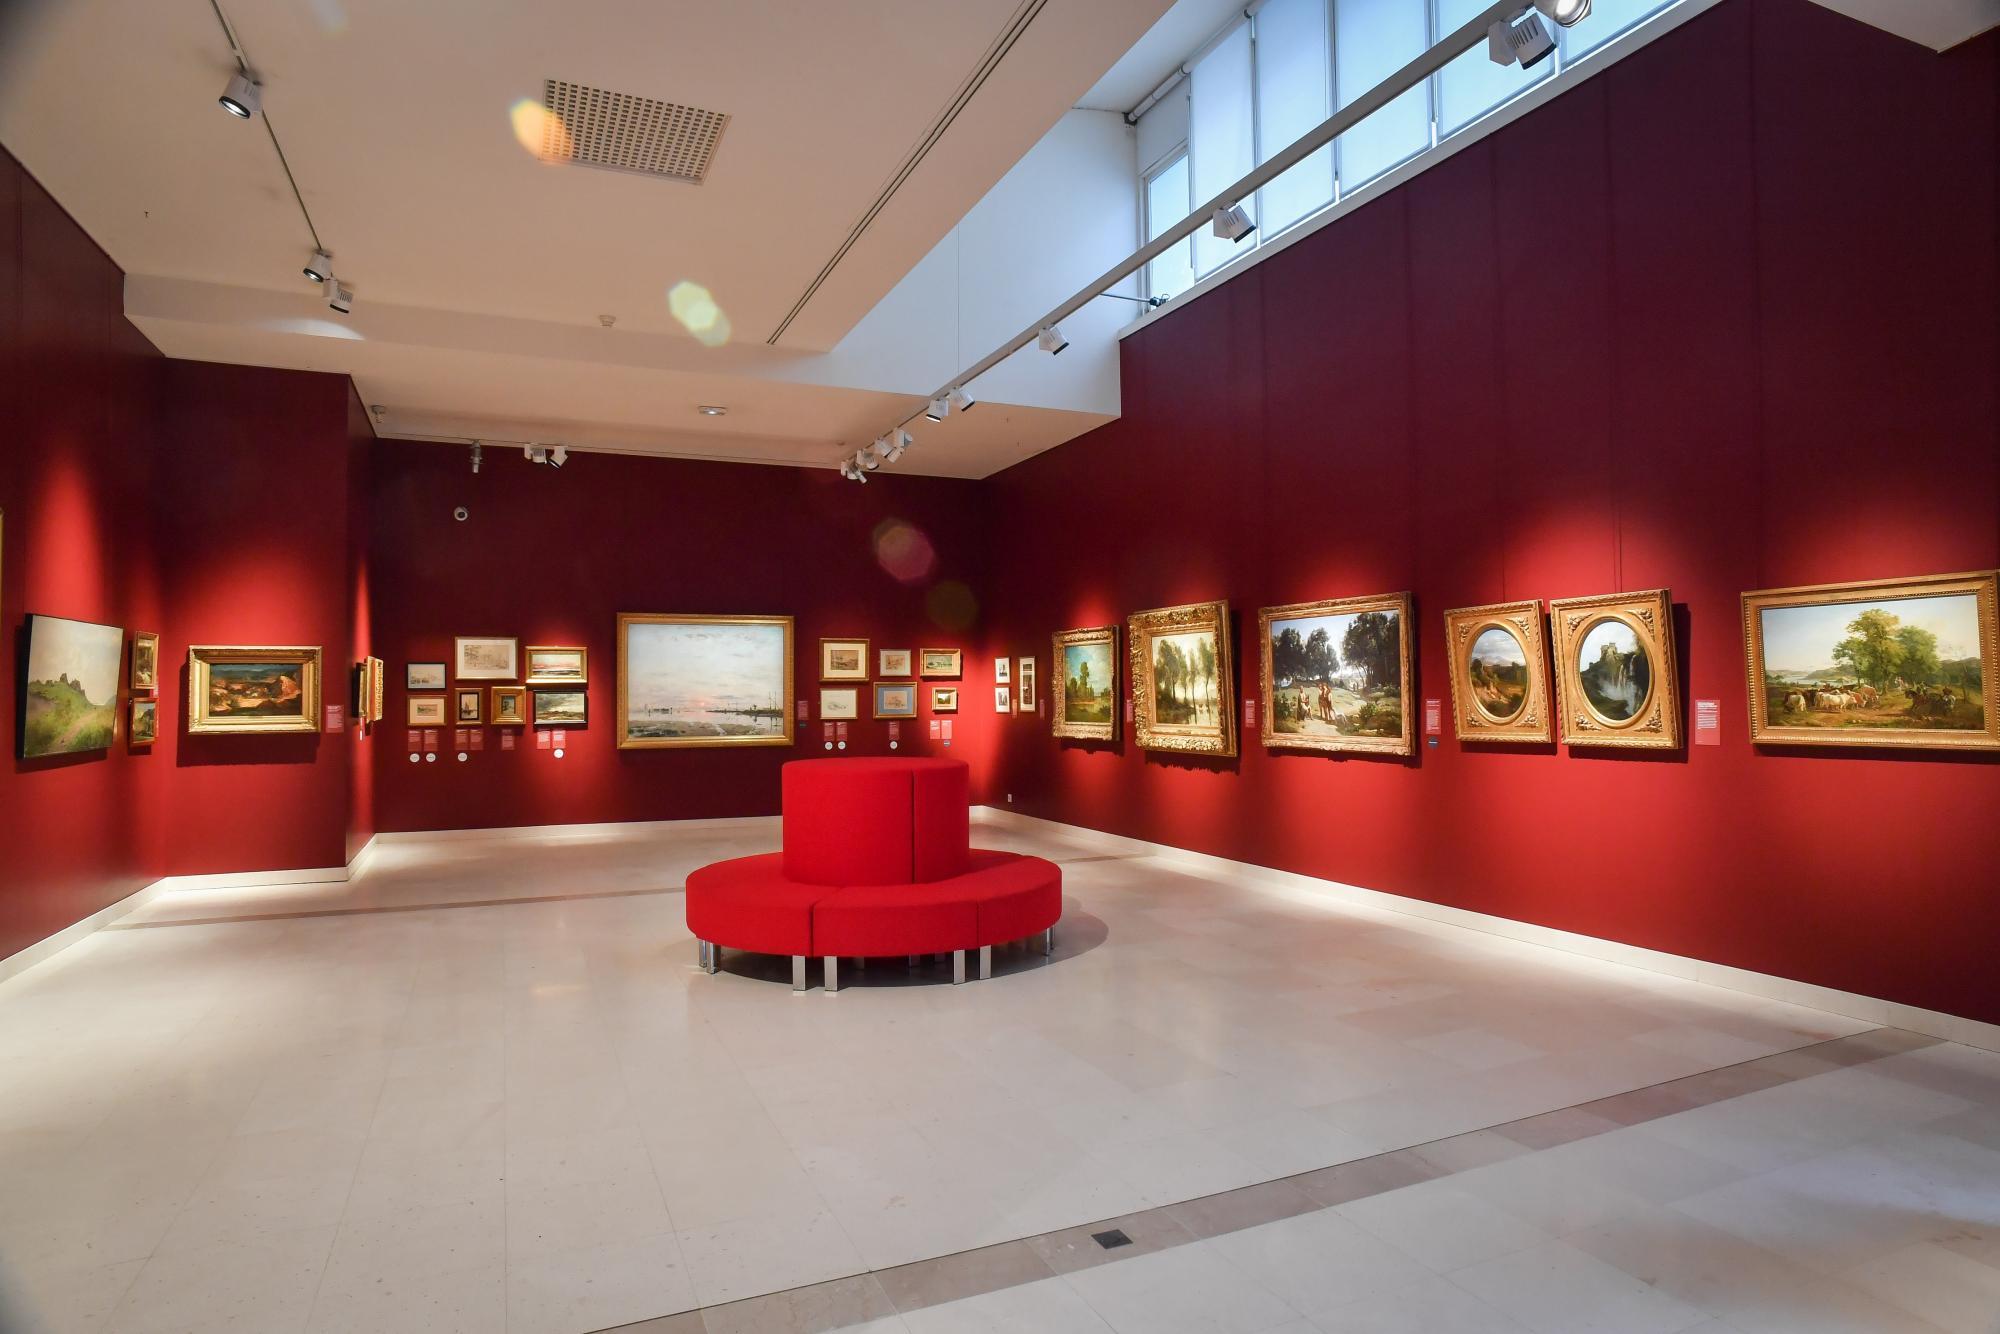 Musée d'art et d'histoire de Saint-Lô